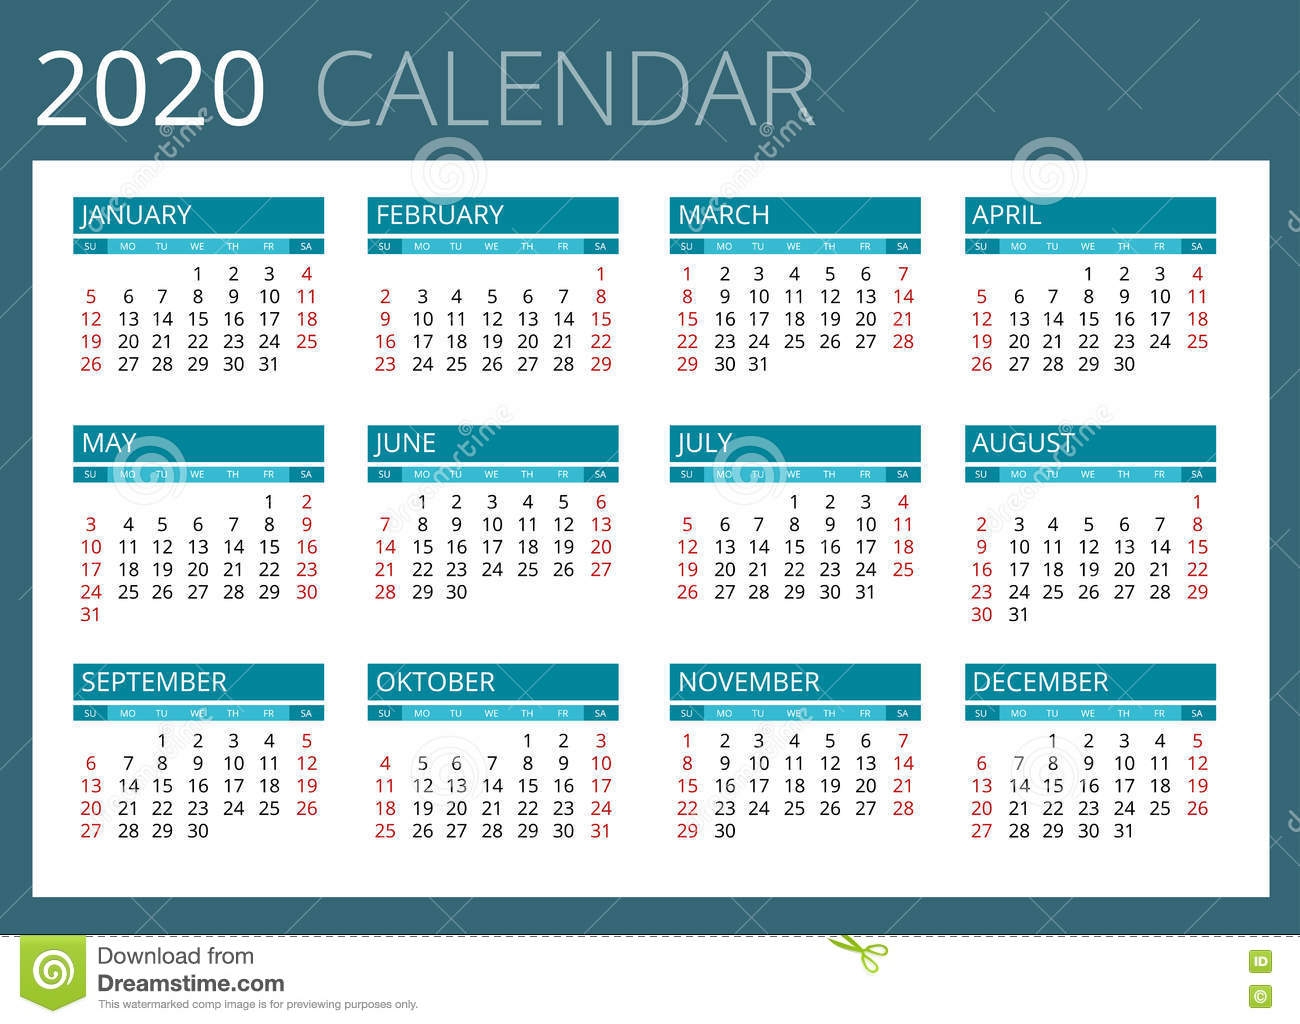 Calendario Para 2020 La Semana Comienza Domingo Diseño intended for Calendario 2020 Con Semanas